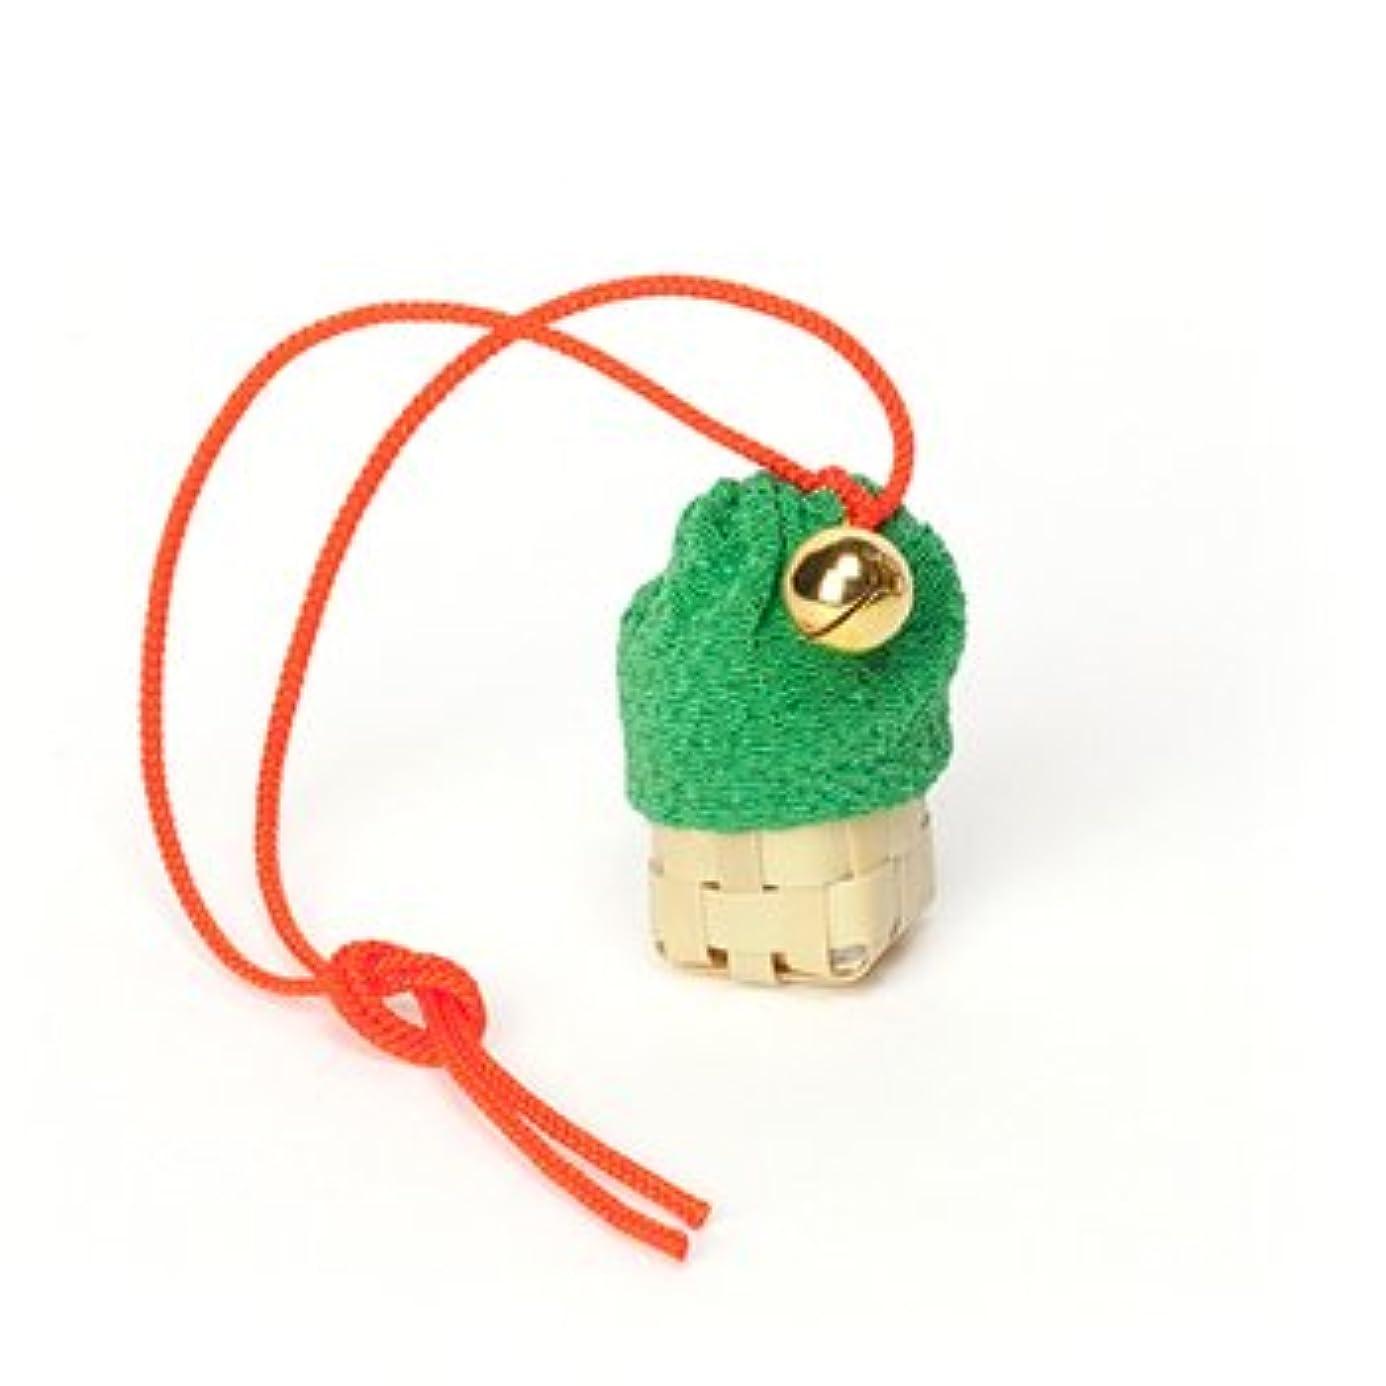 インド床を掃除するピッチャー松栄堂 匂い袋 携帯用 ミニ籠 1個入 ケースなし (色をお選びください) (緑)